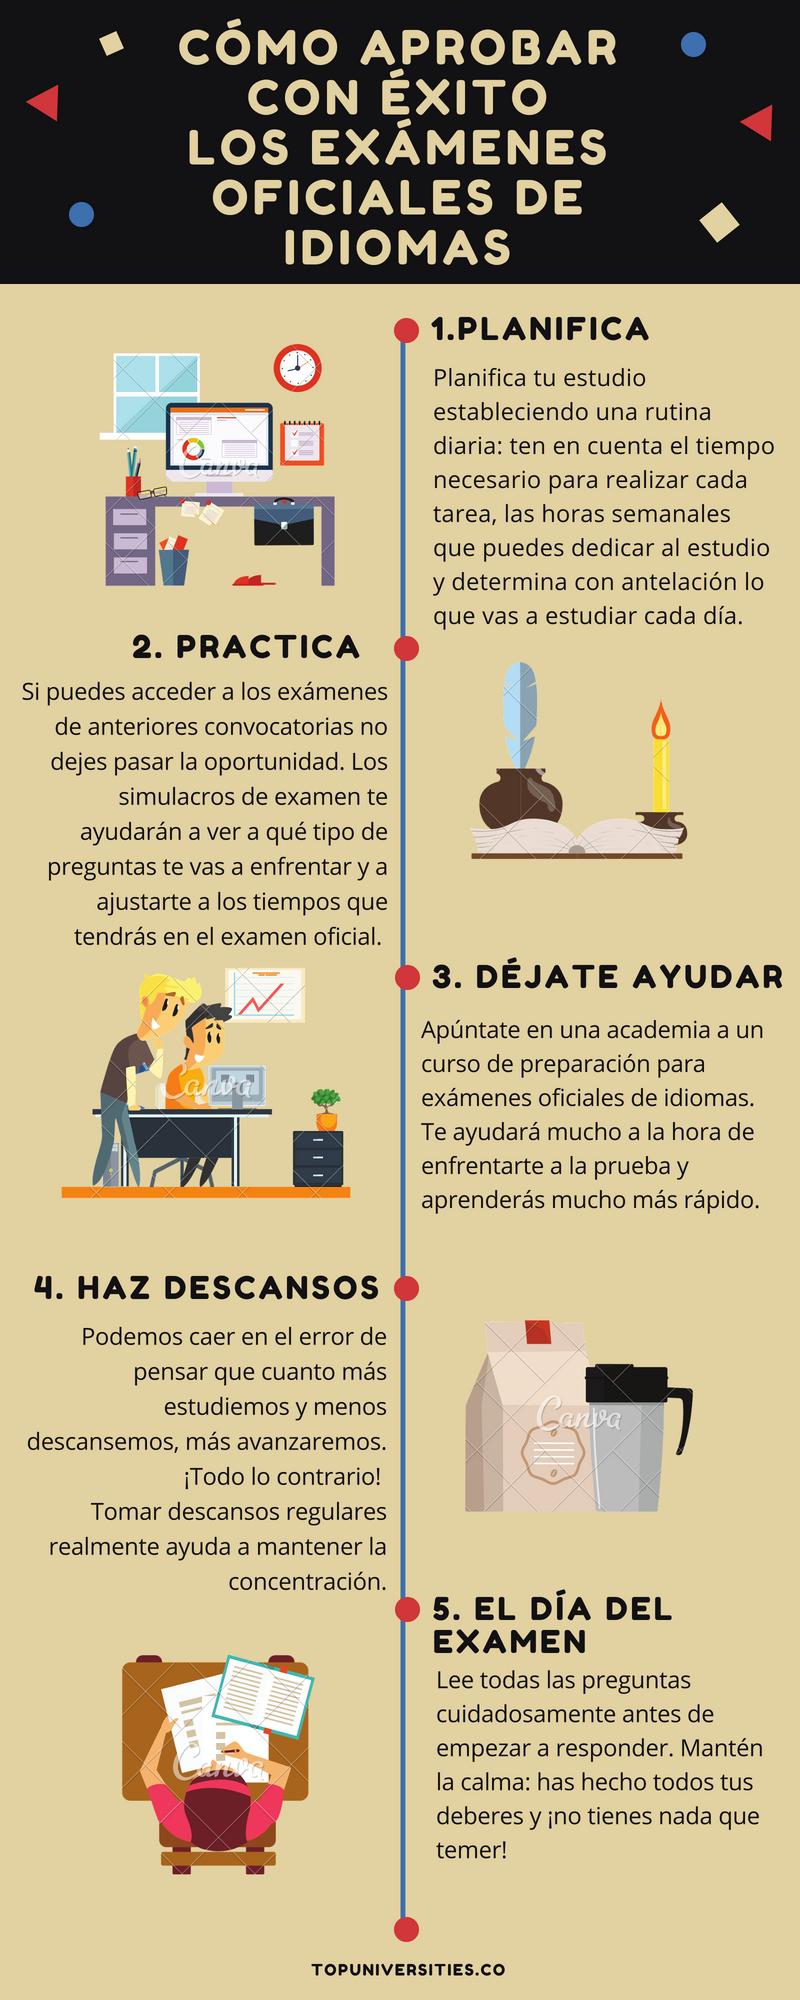 Como aprobar con éxito los exámenes oficiales de idiomas